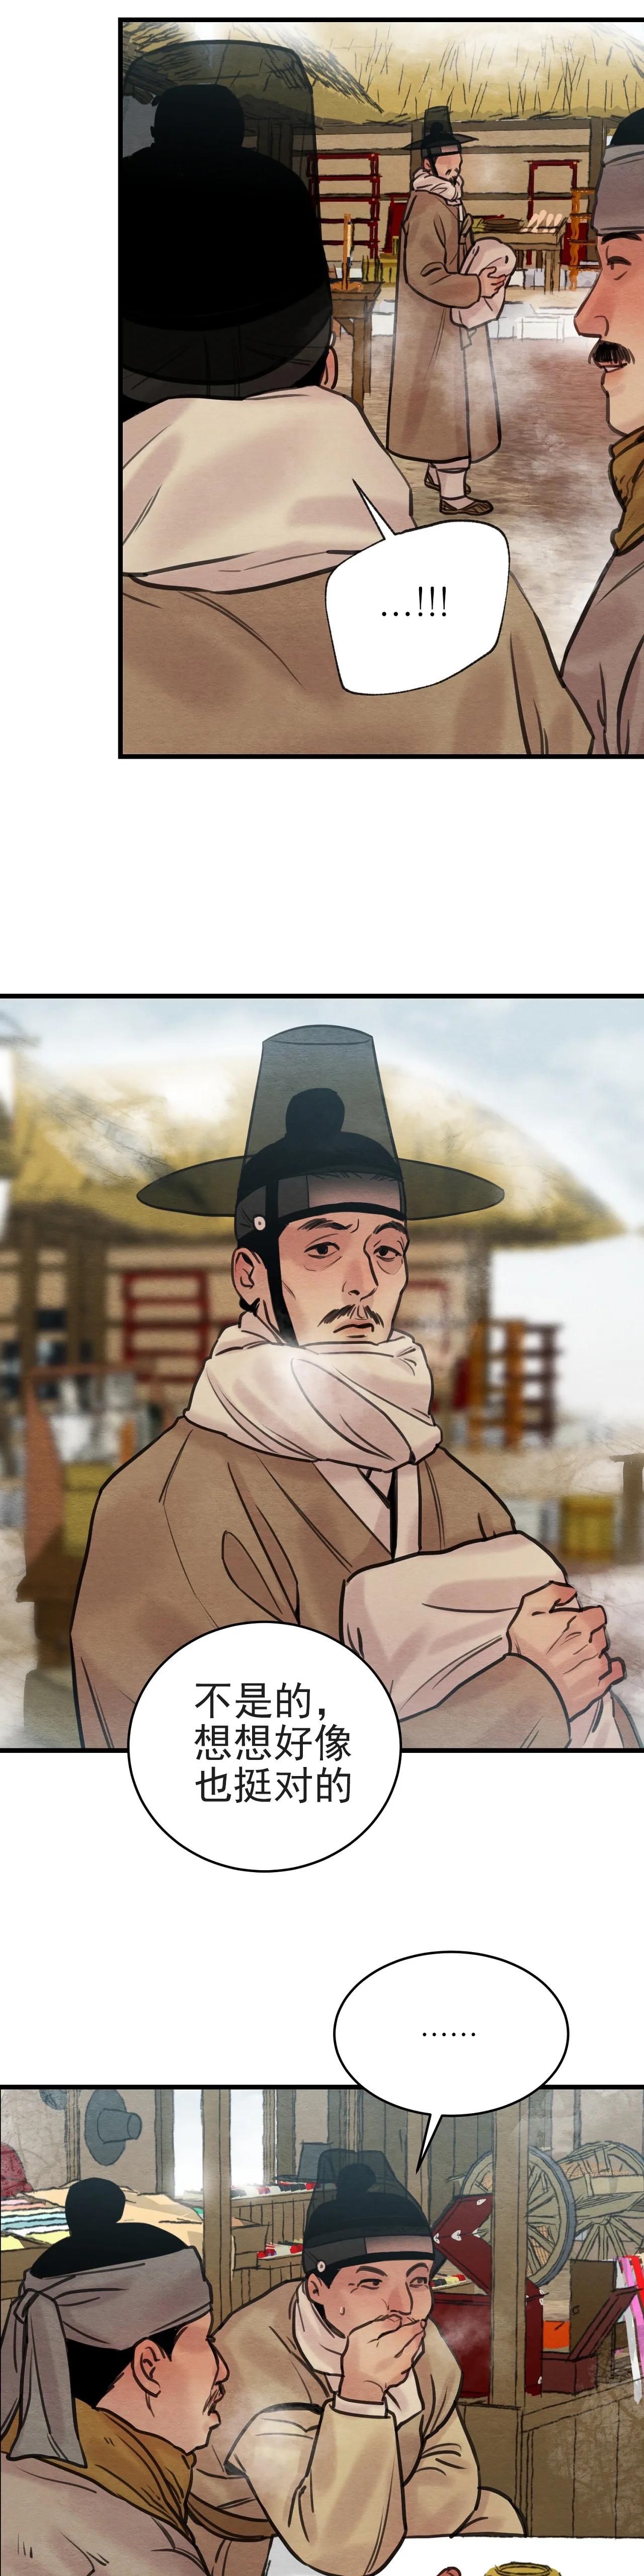 夜画&野画集漫画(第二季)完整版汉化最新连载首发-啵乐漫画